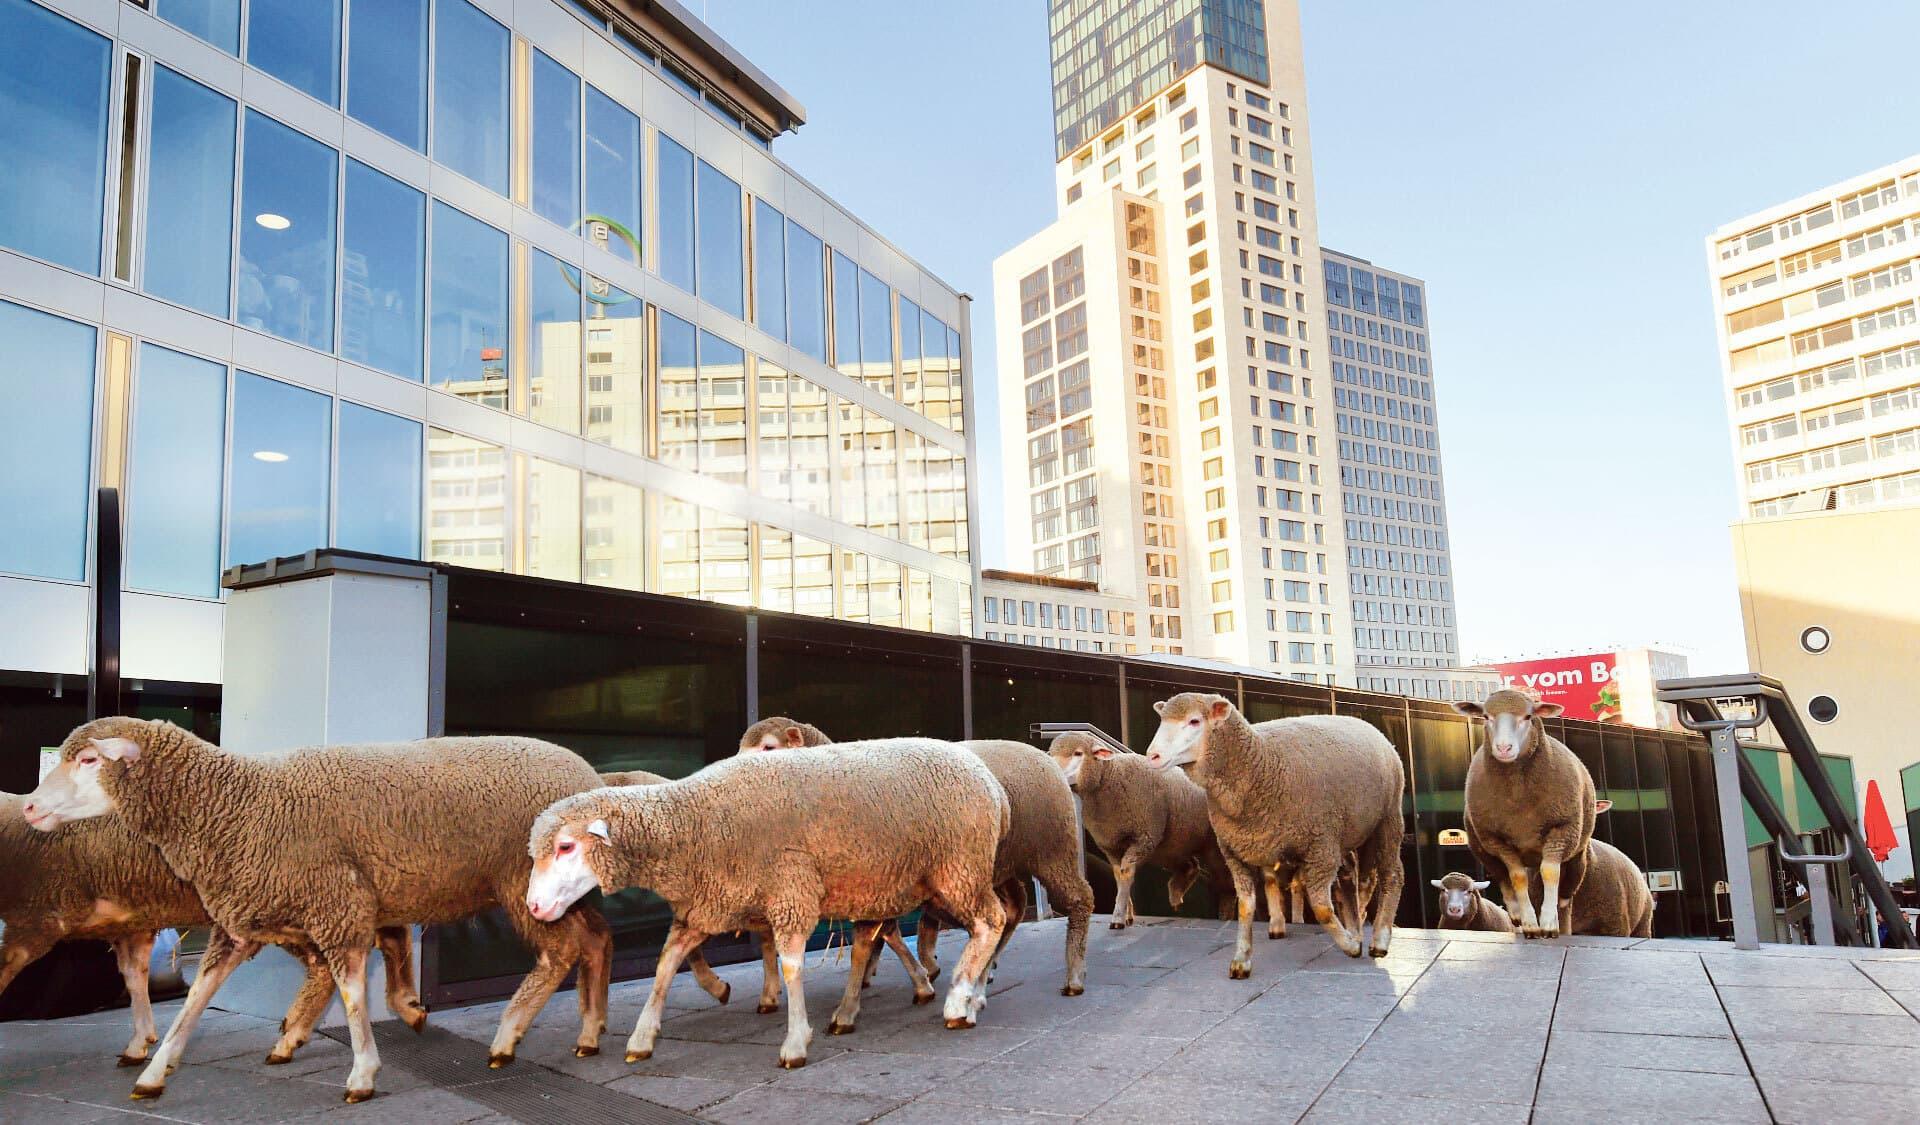 Schafe kommen eine Unterführung in der Stadt hochgelaufen